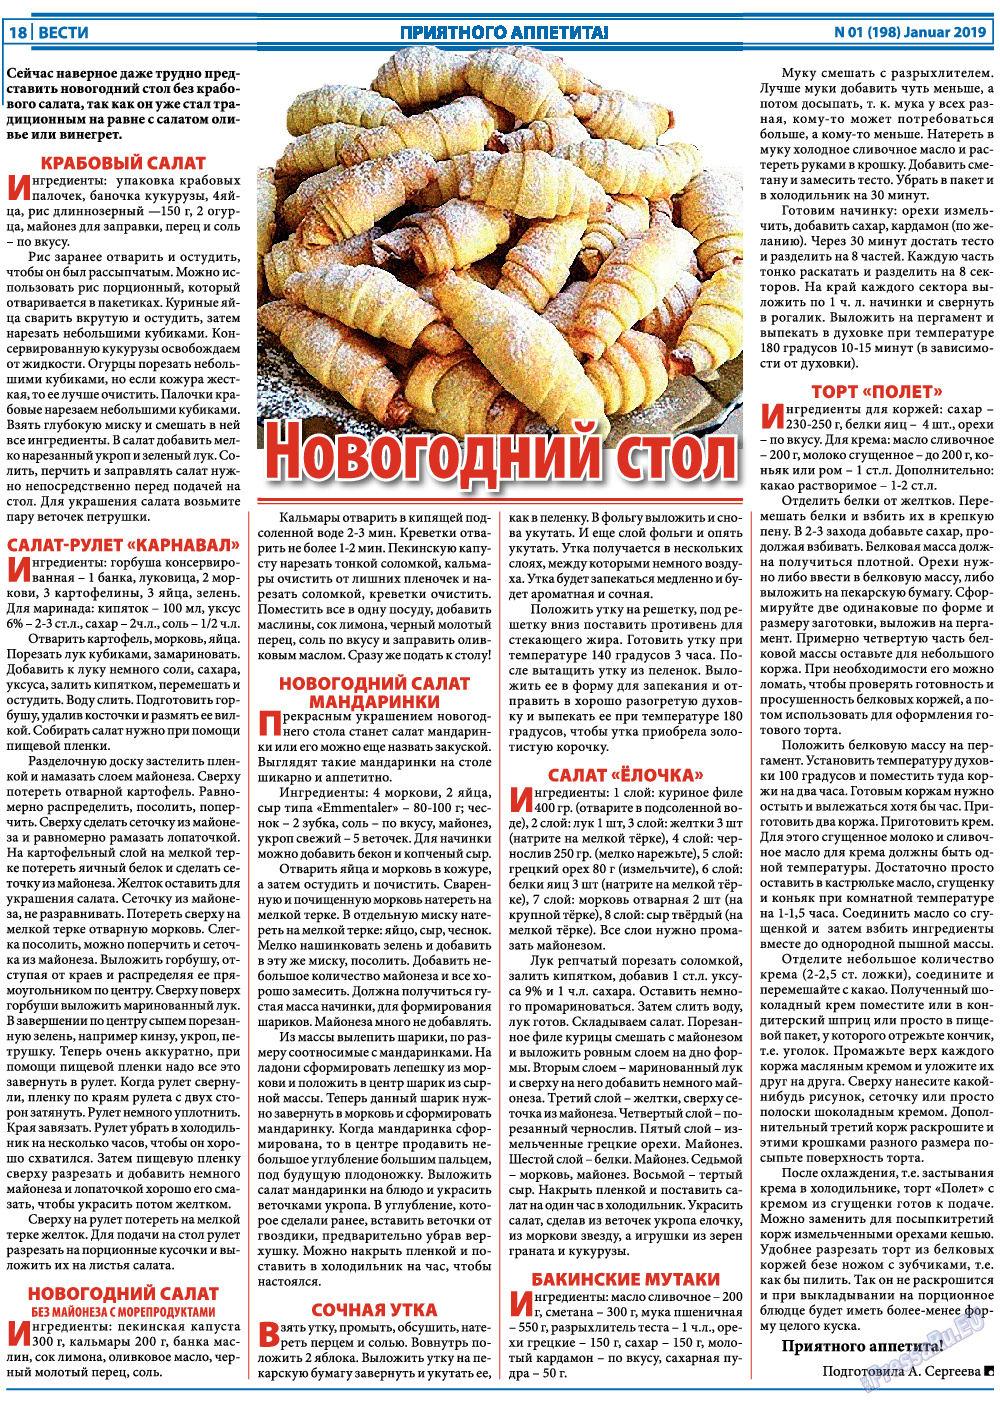 Вести (газета). 2019 год, номер 1, стр. 18